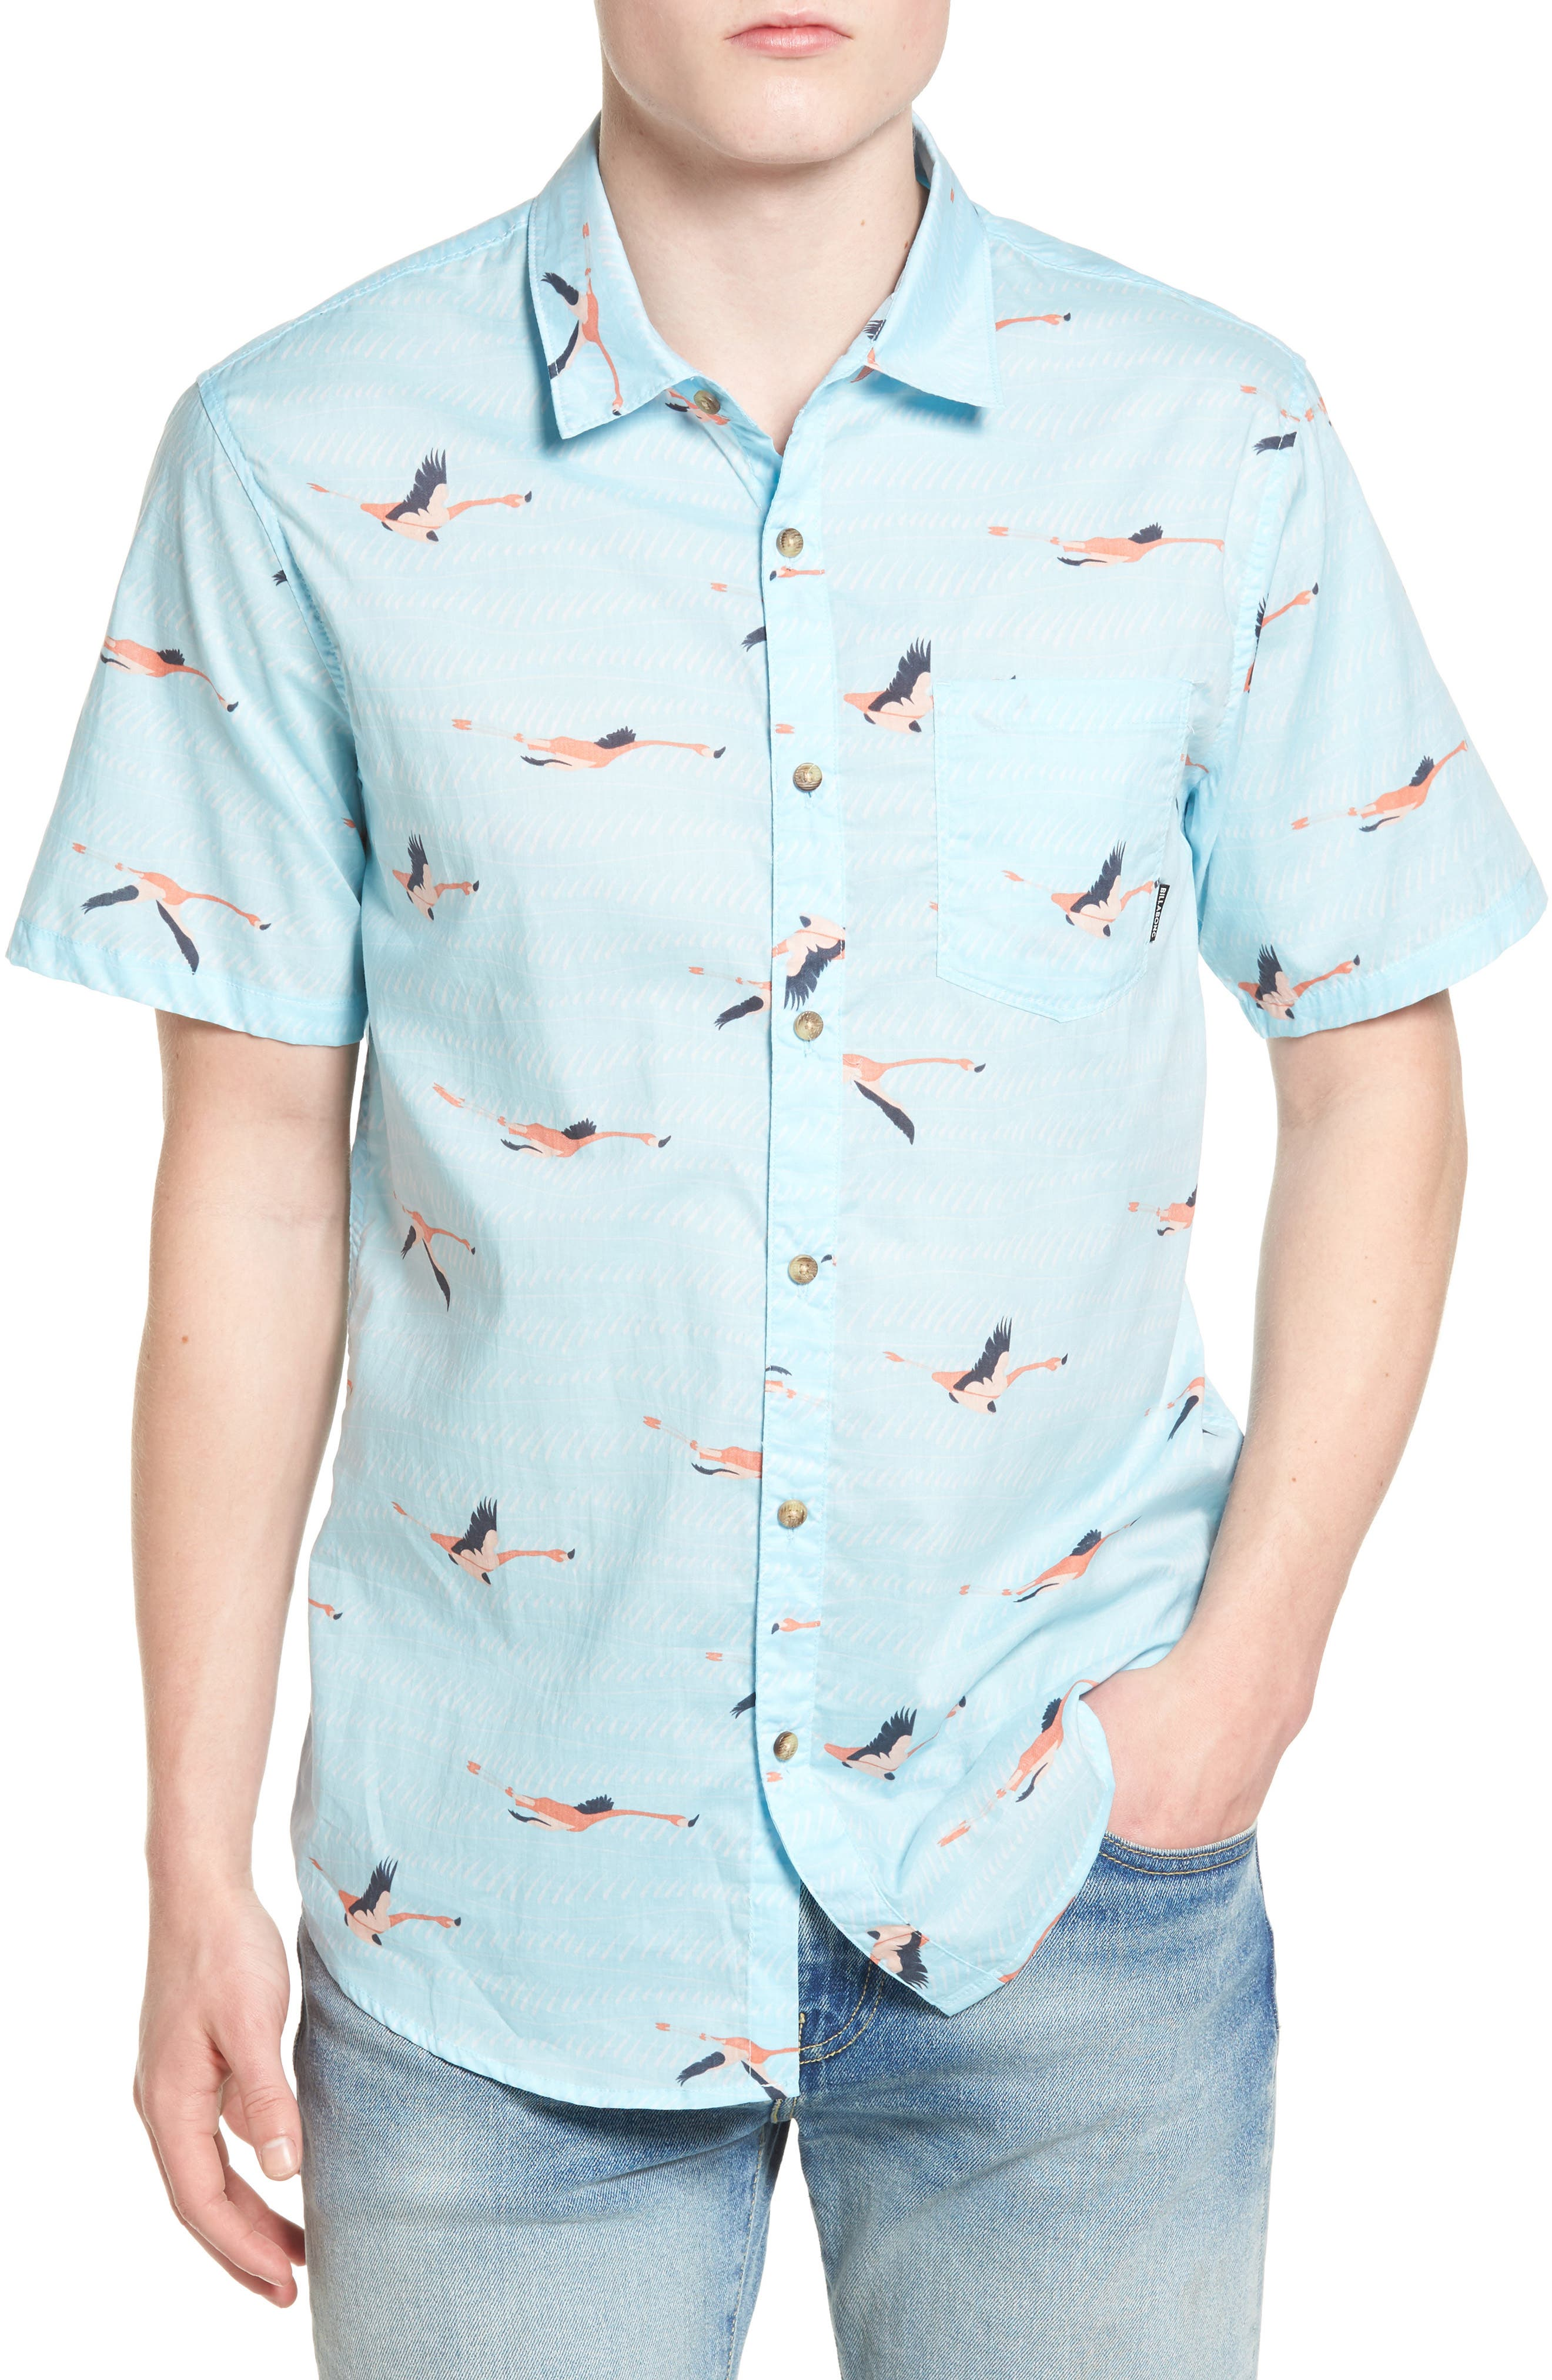 Billabong Vacay Print Woven Shirt